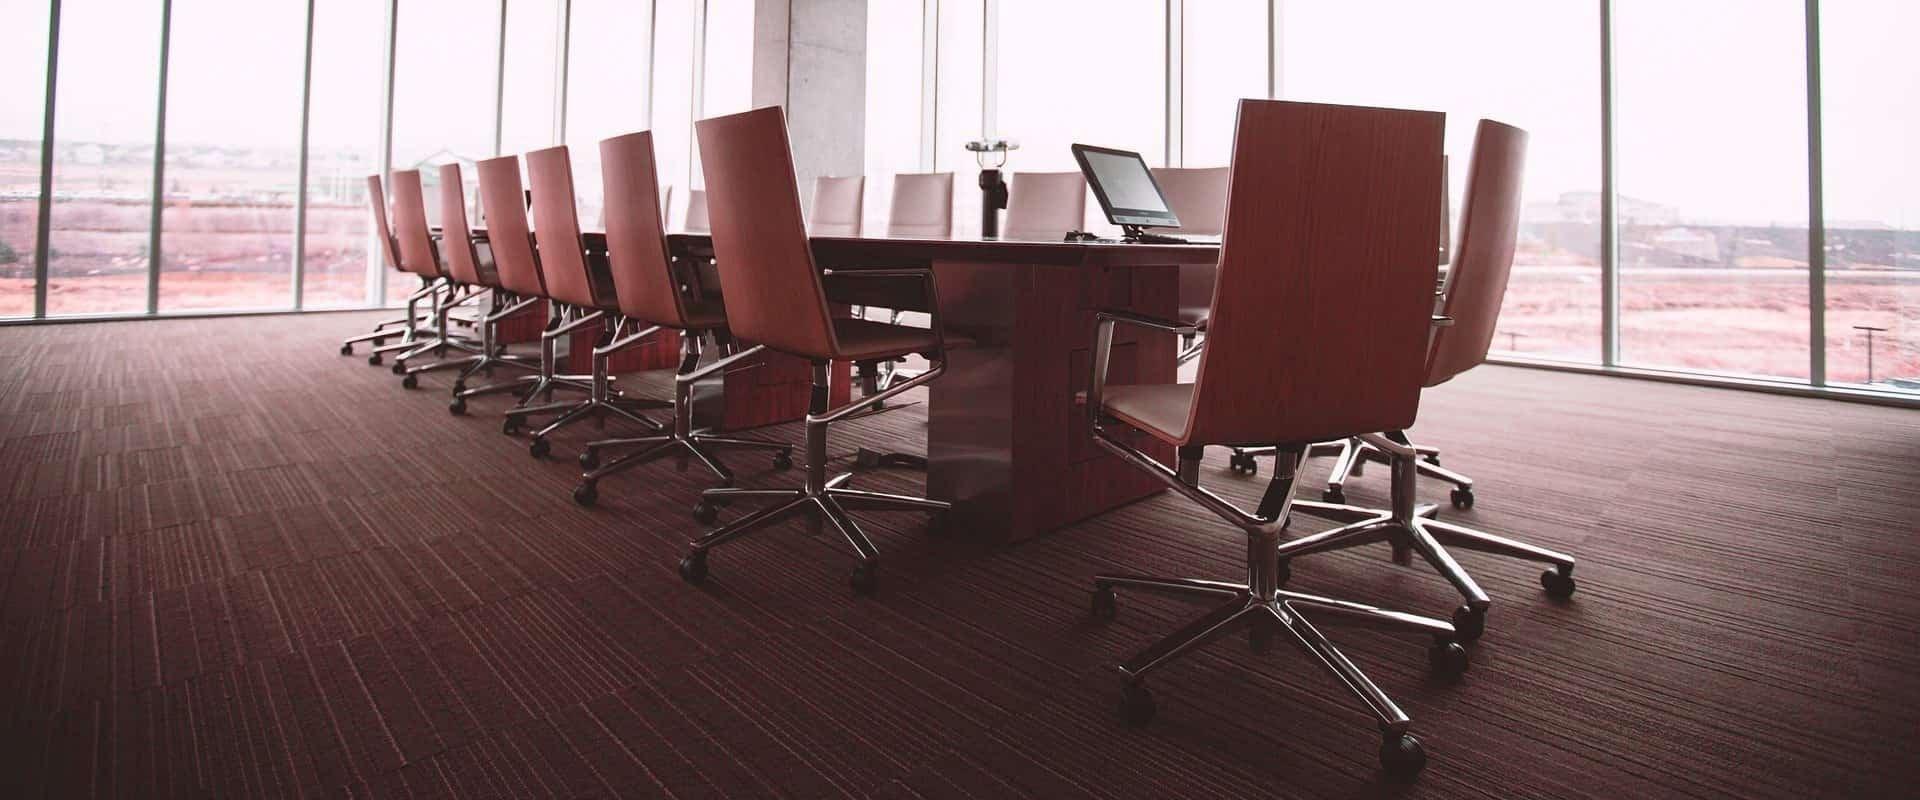 Möbel mit COSYS Transport Software ausliefern